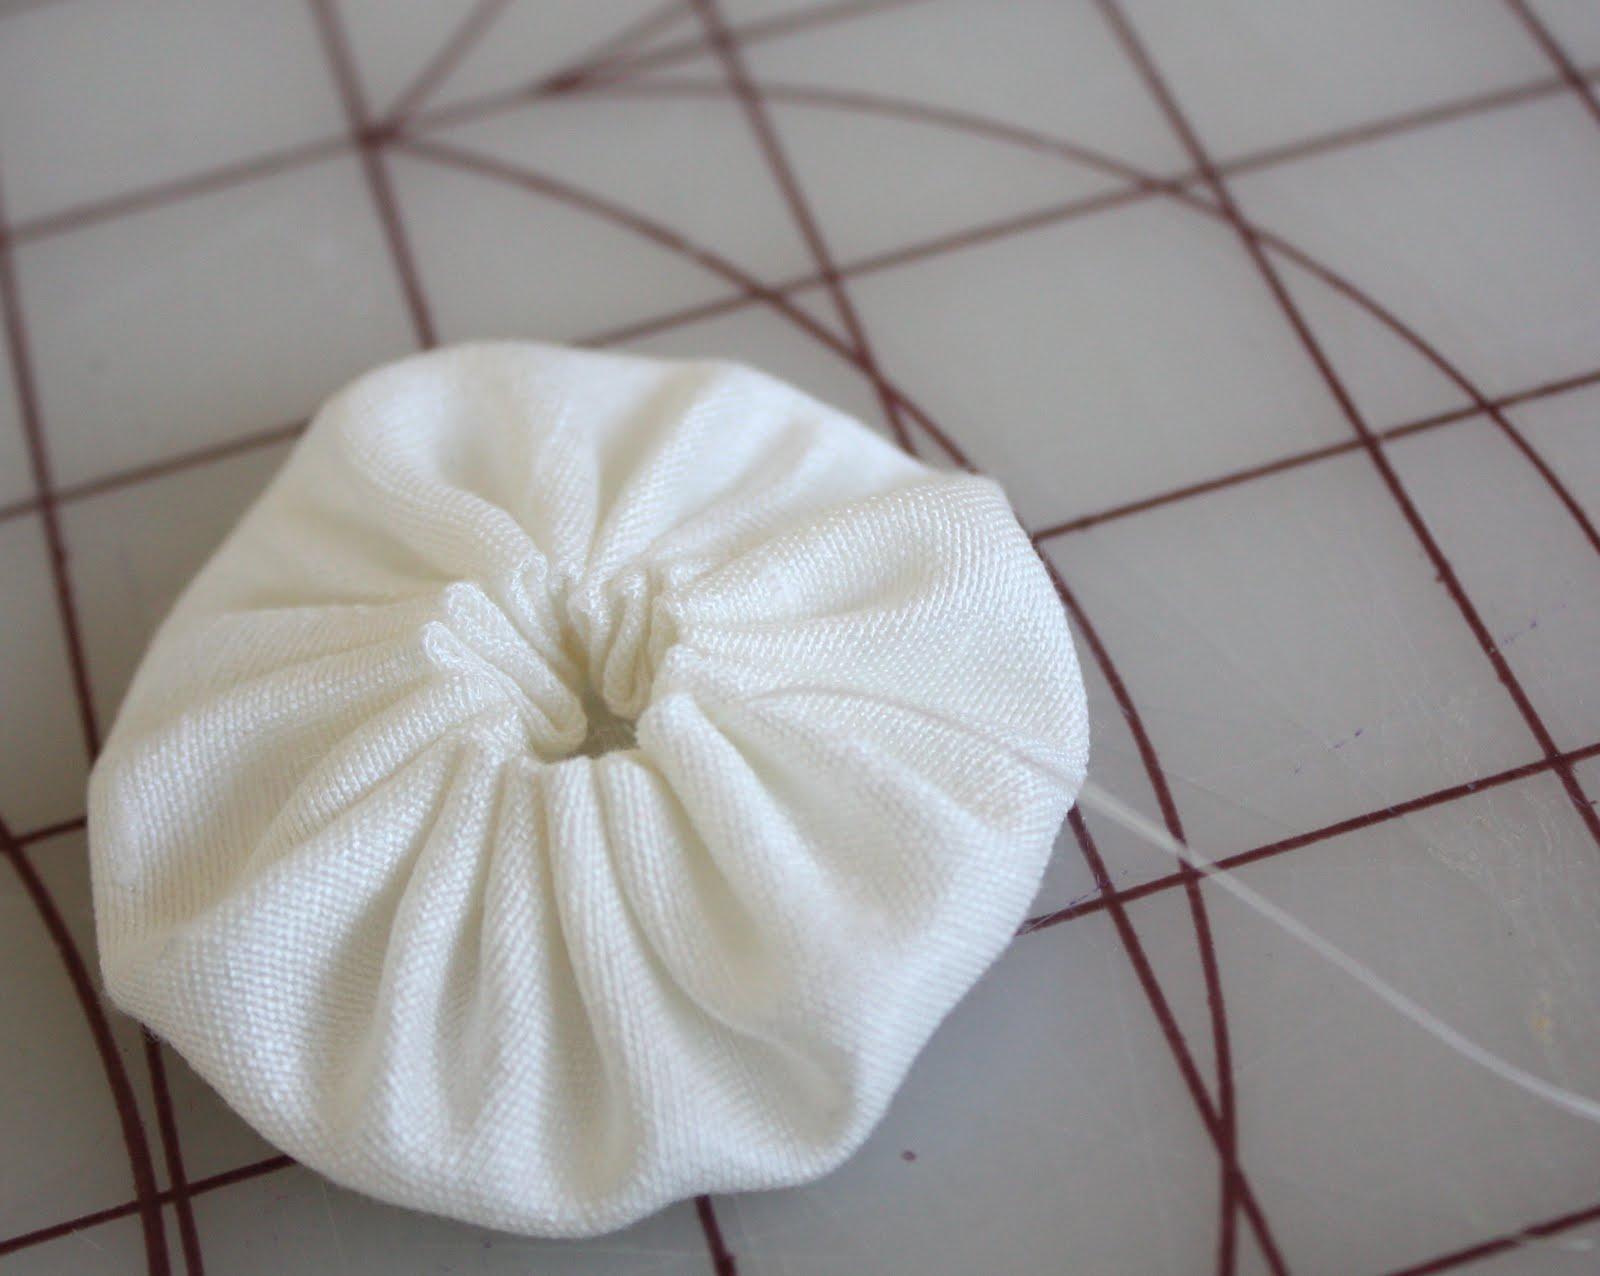 Сердечки из ткани своими руками: валентинки для второй половинки! Крестик 99